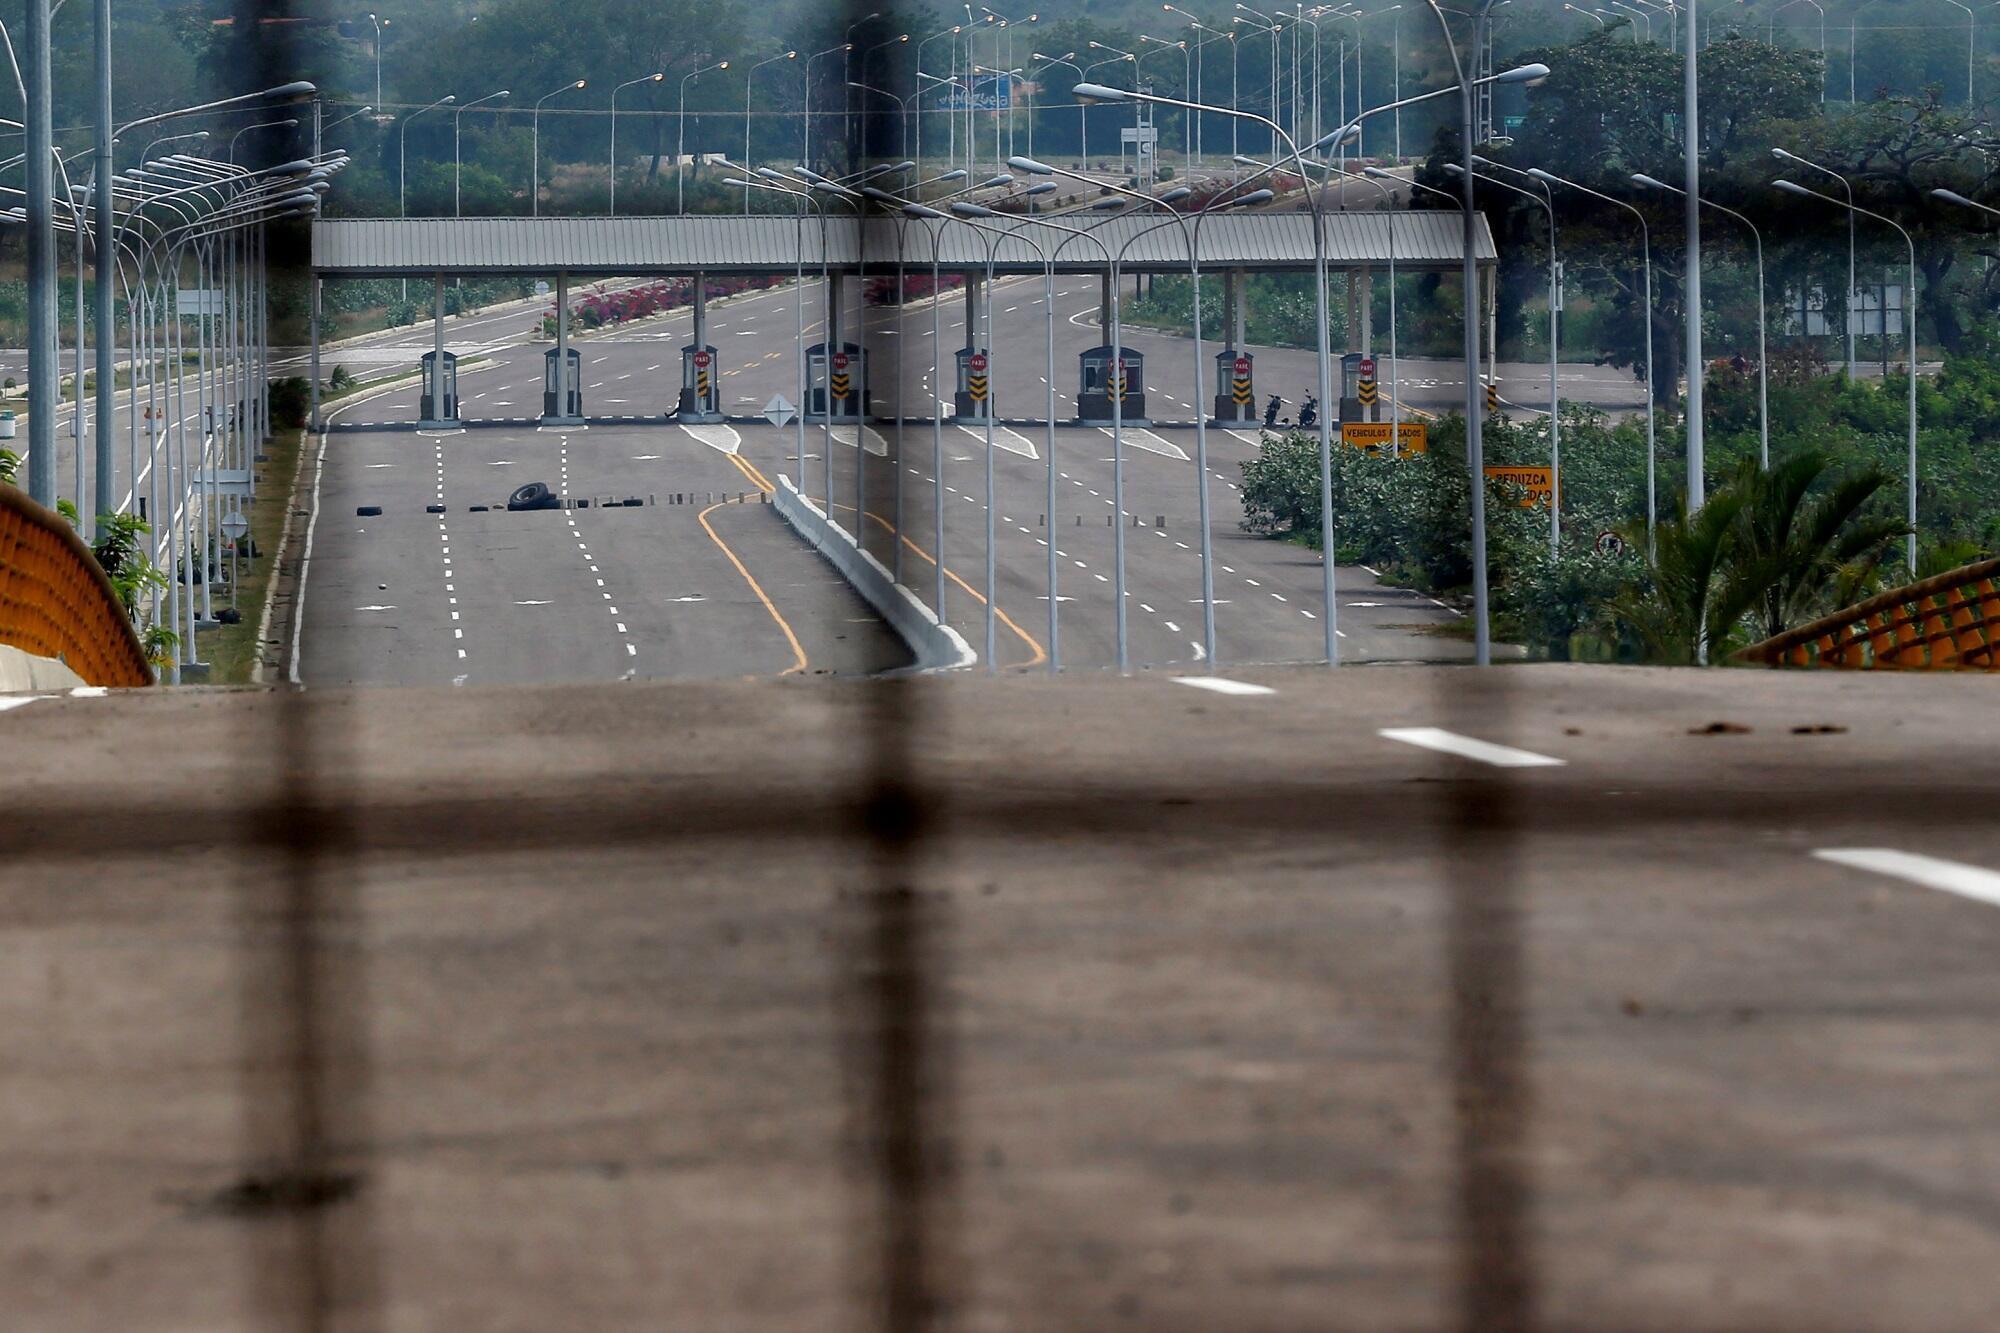 Hàng rào chặn xe hơi trên cầu Tienditas trong khu vực biên giới chung Colombia-Venezuela, ở Cucuta, Colombia. Ảnh chụp ngày 06/02/2019